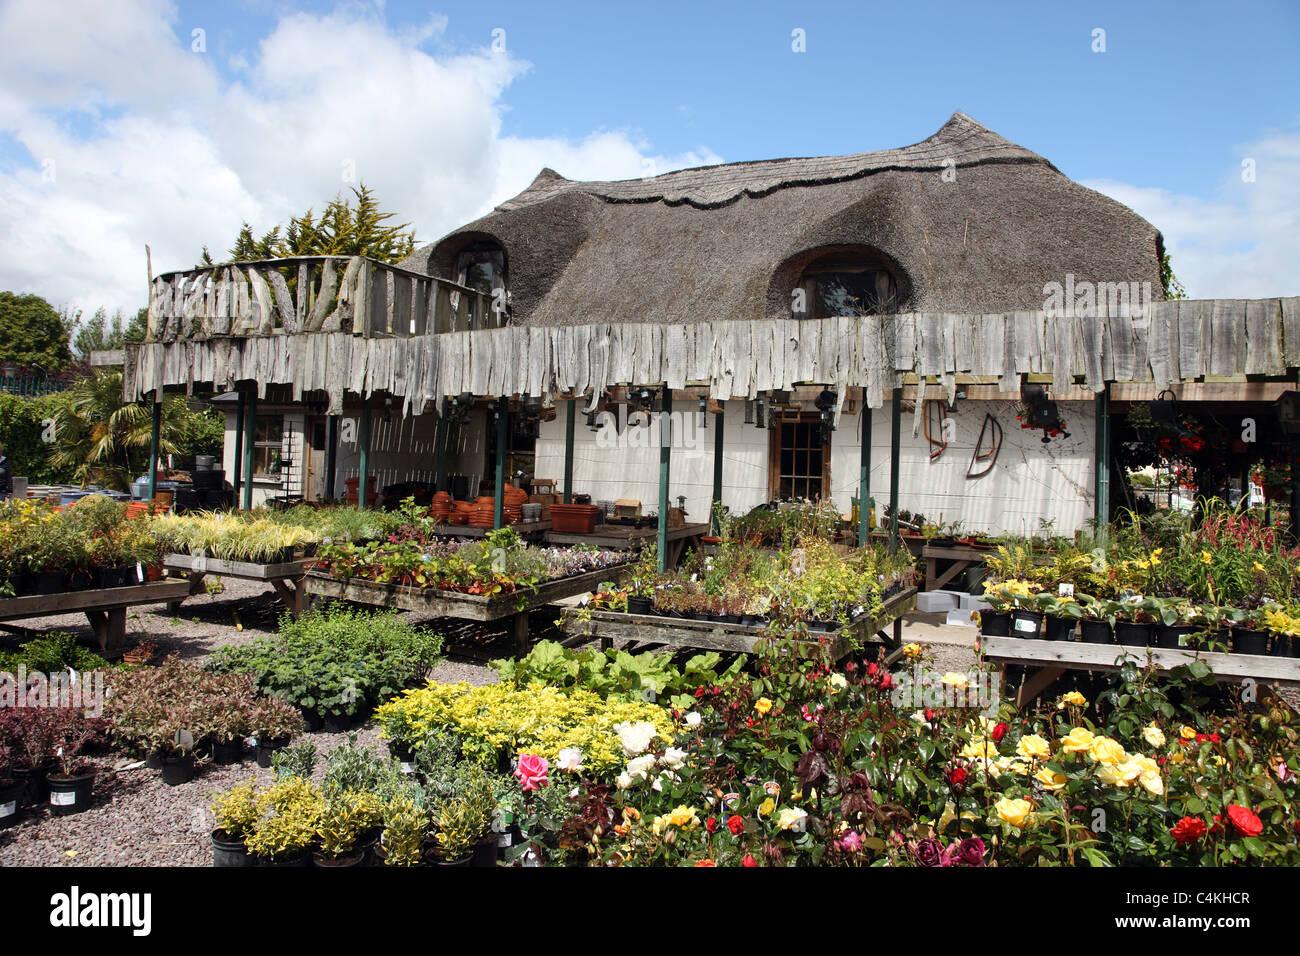 Bandon Garden Centre, West Cork, Ireland - Stock Image